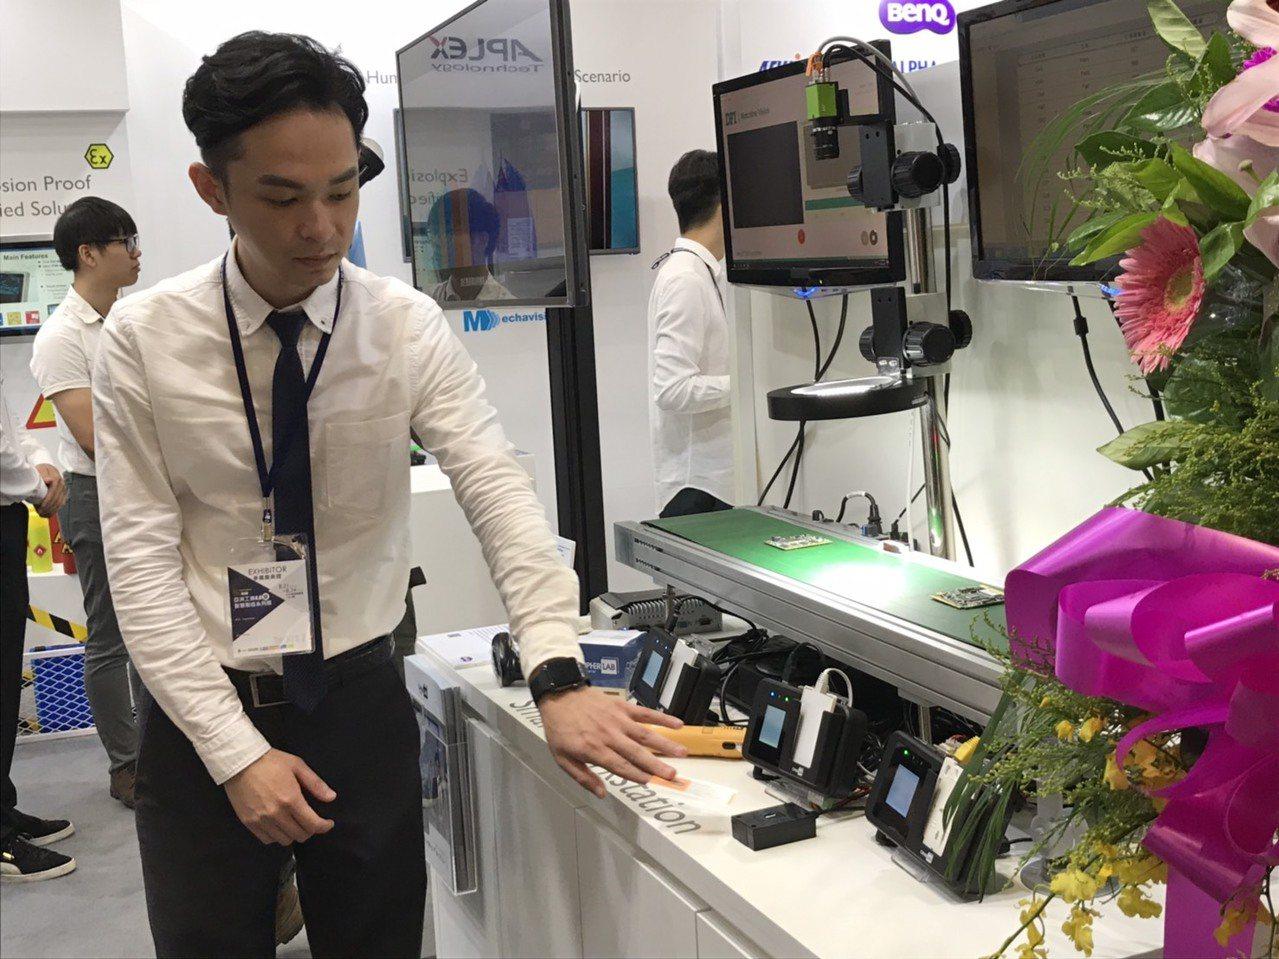 佳世達今年新展出的智慧工站。記者蔡銘仁/攝影